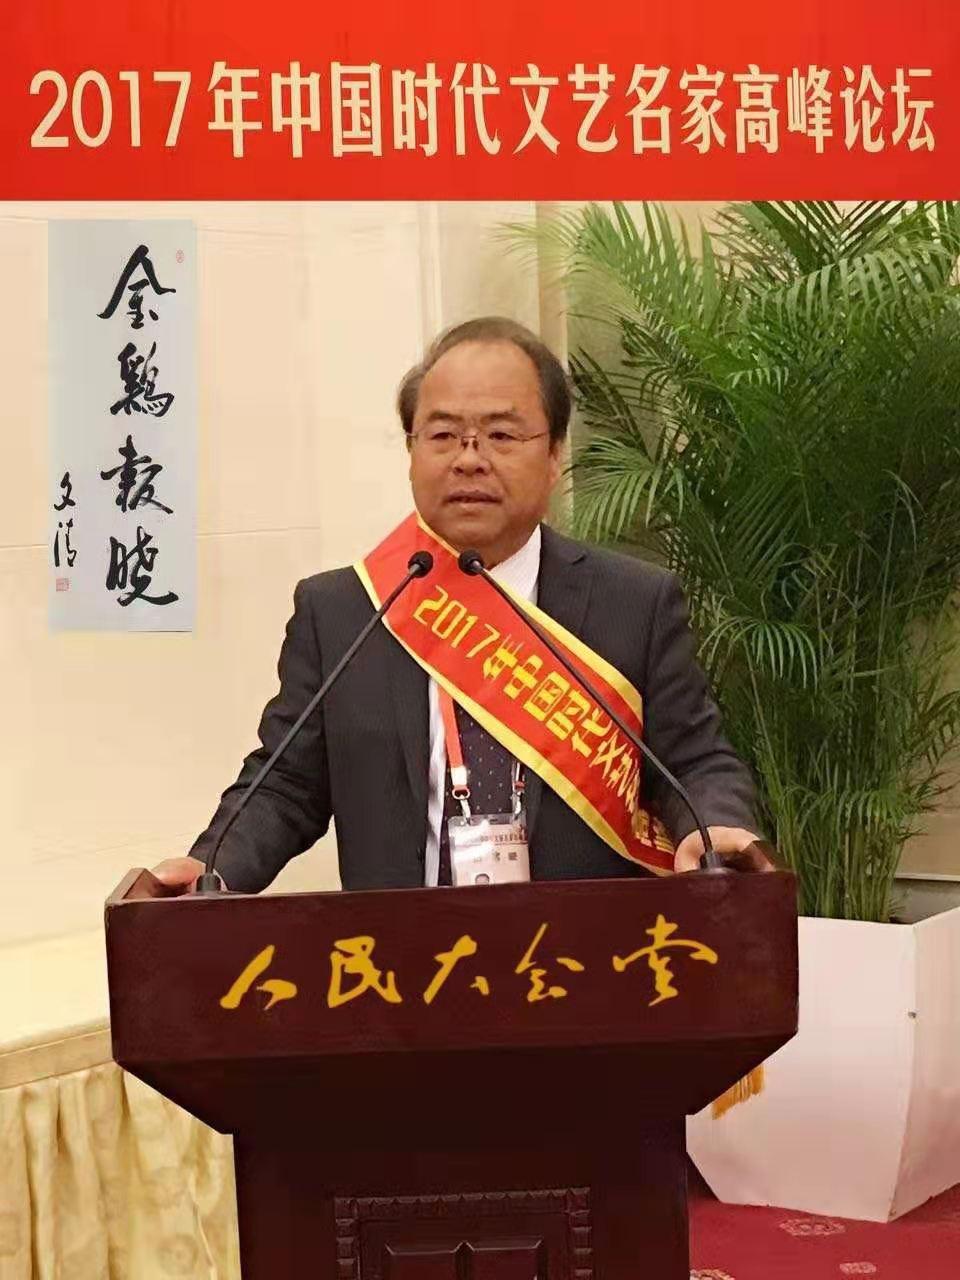 热烈祝贺刘文清教授入驻墨缘斋文化网